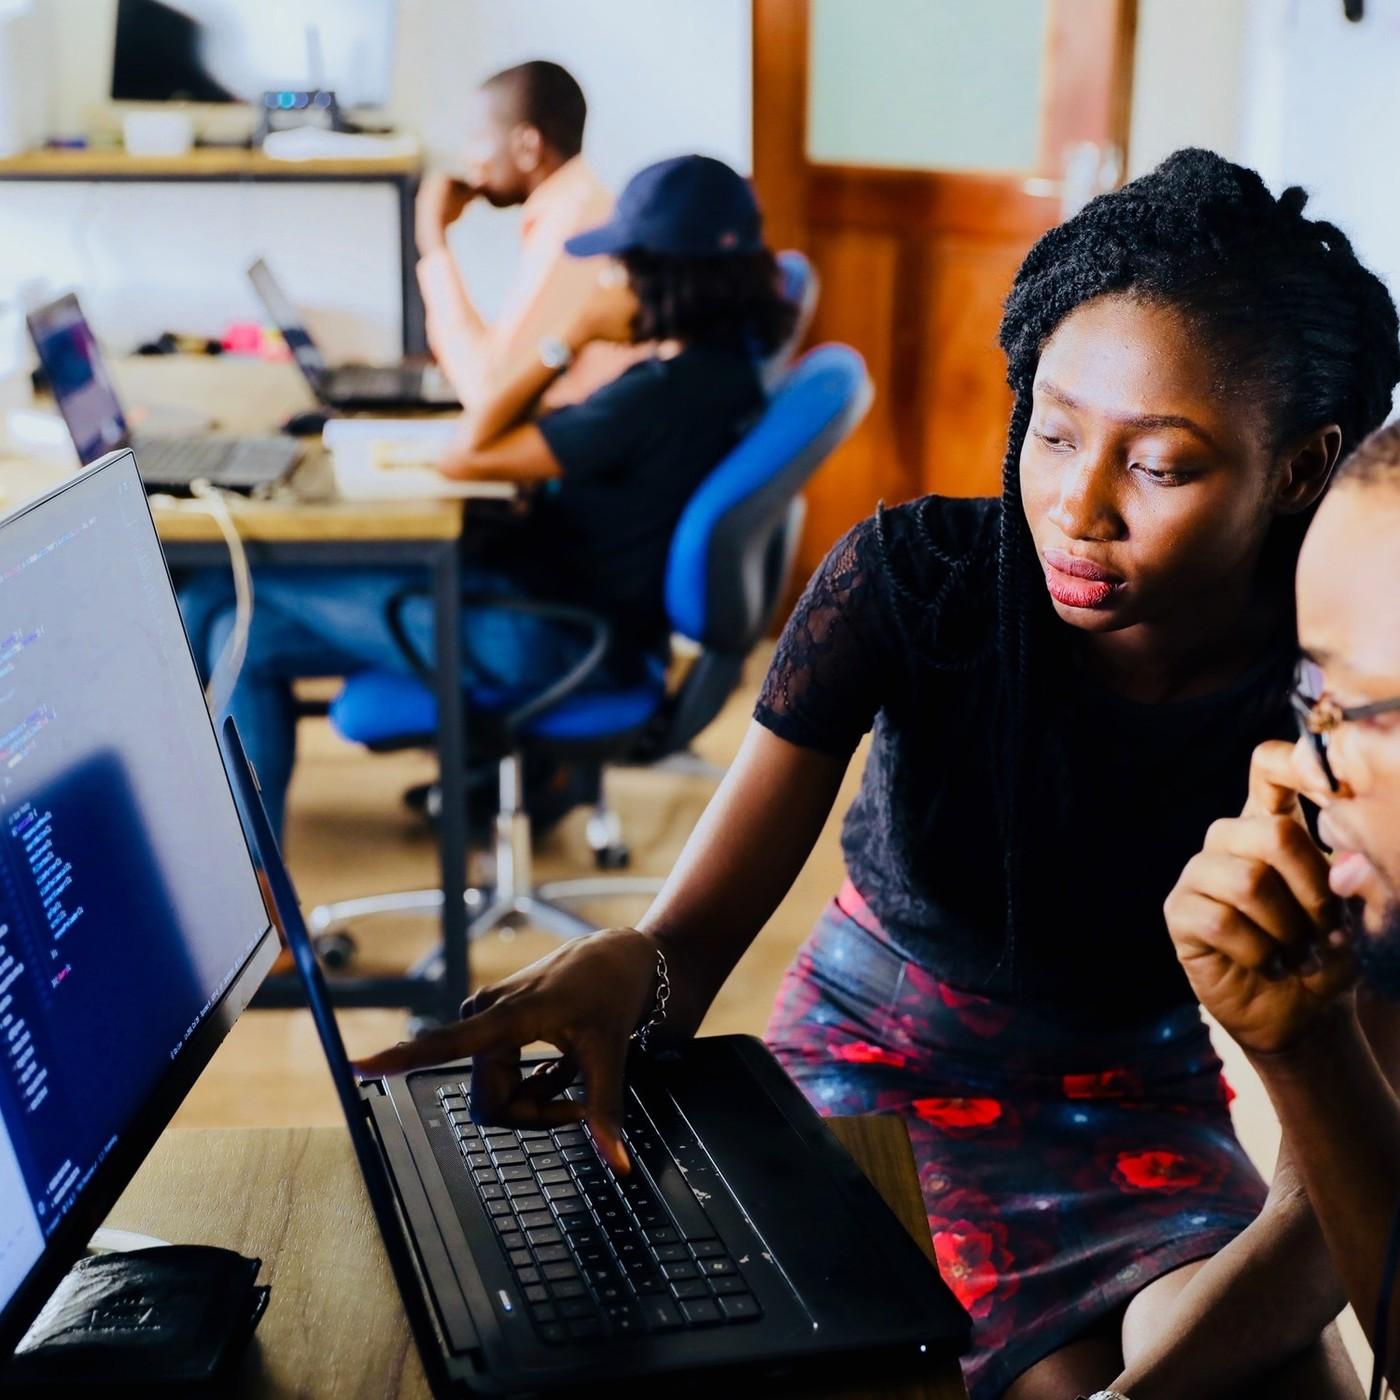 Experiencia bootcamp. ¿Qué se siente al cambiar tu vida para aprender programación? - 01x08